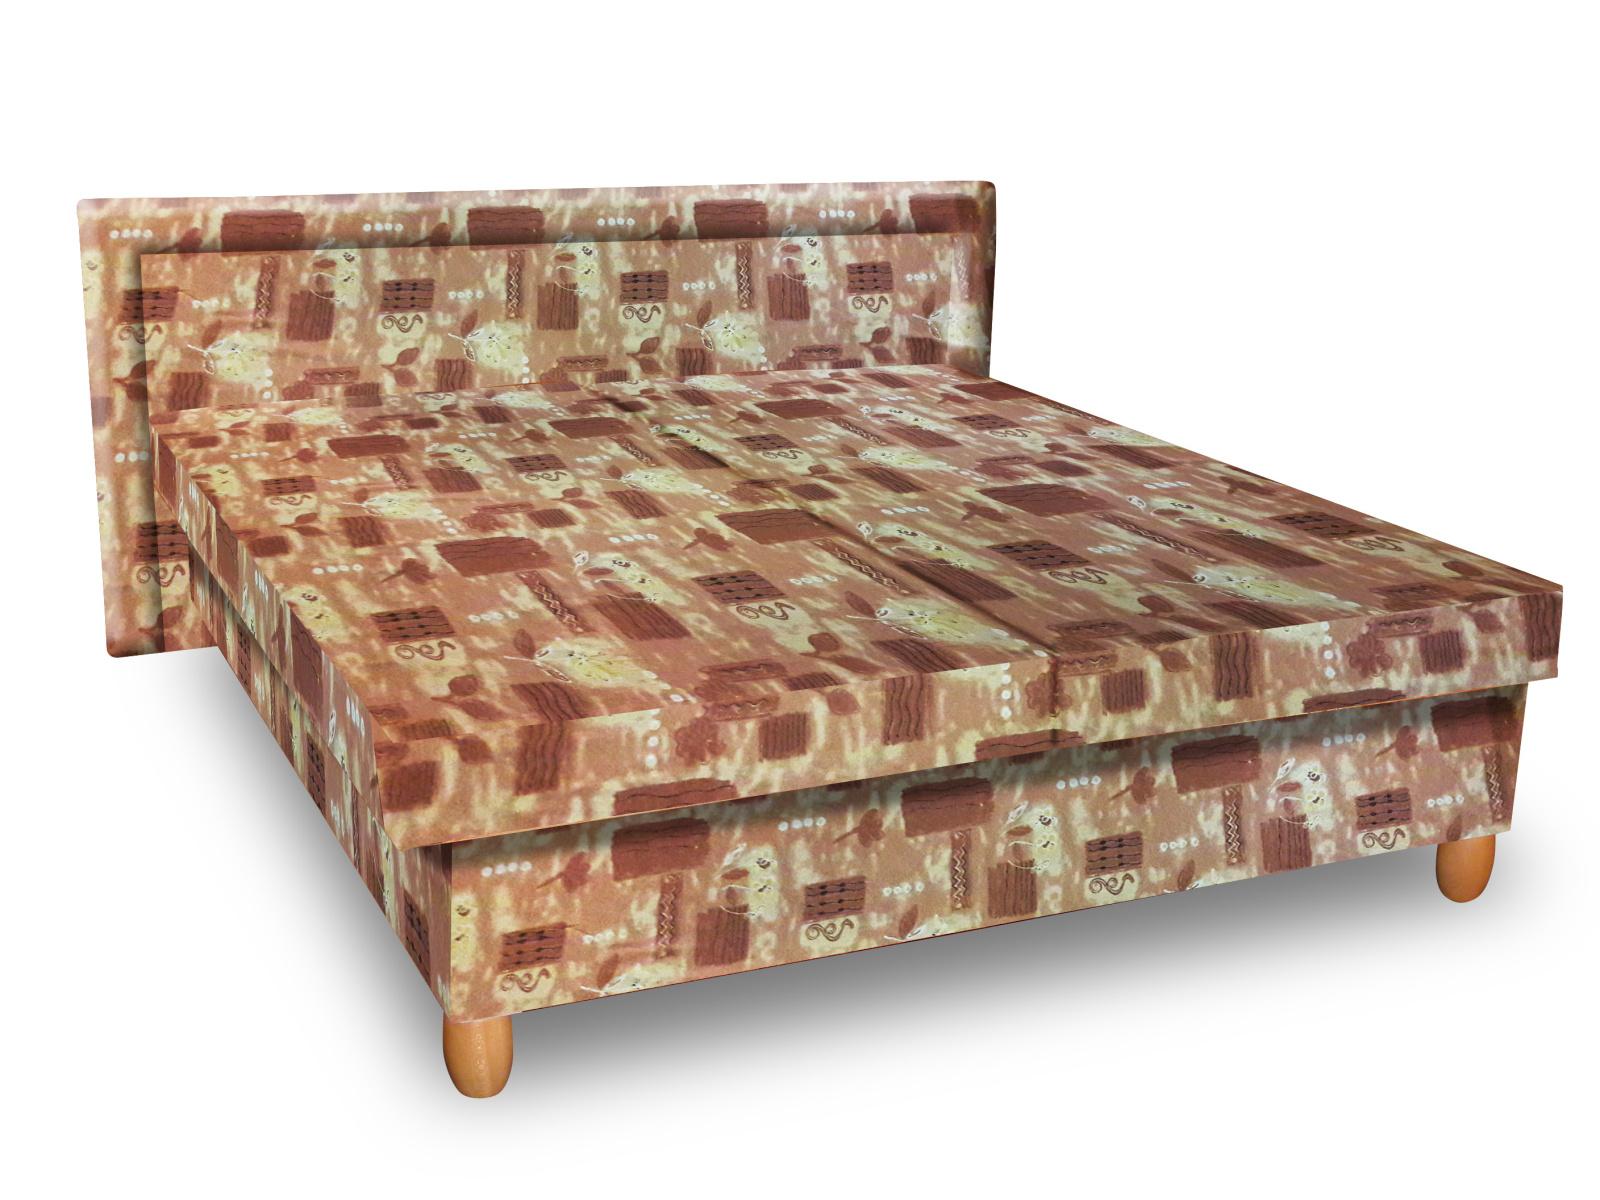 Smartshop Čalouněná postel IVA 160x195 cm, hnědá látka